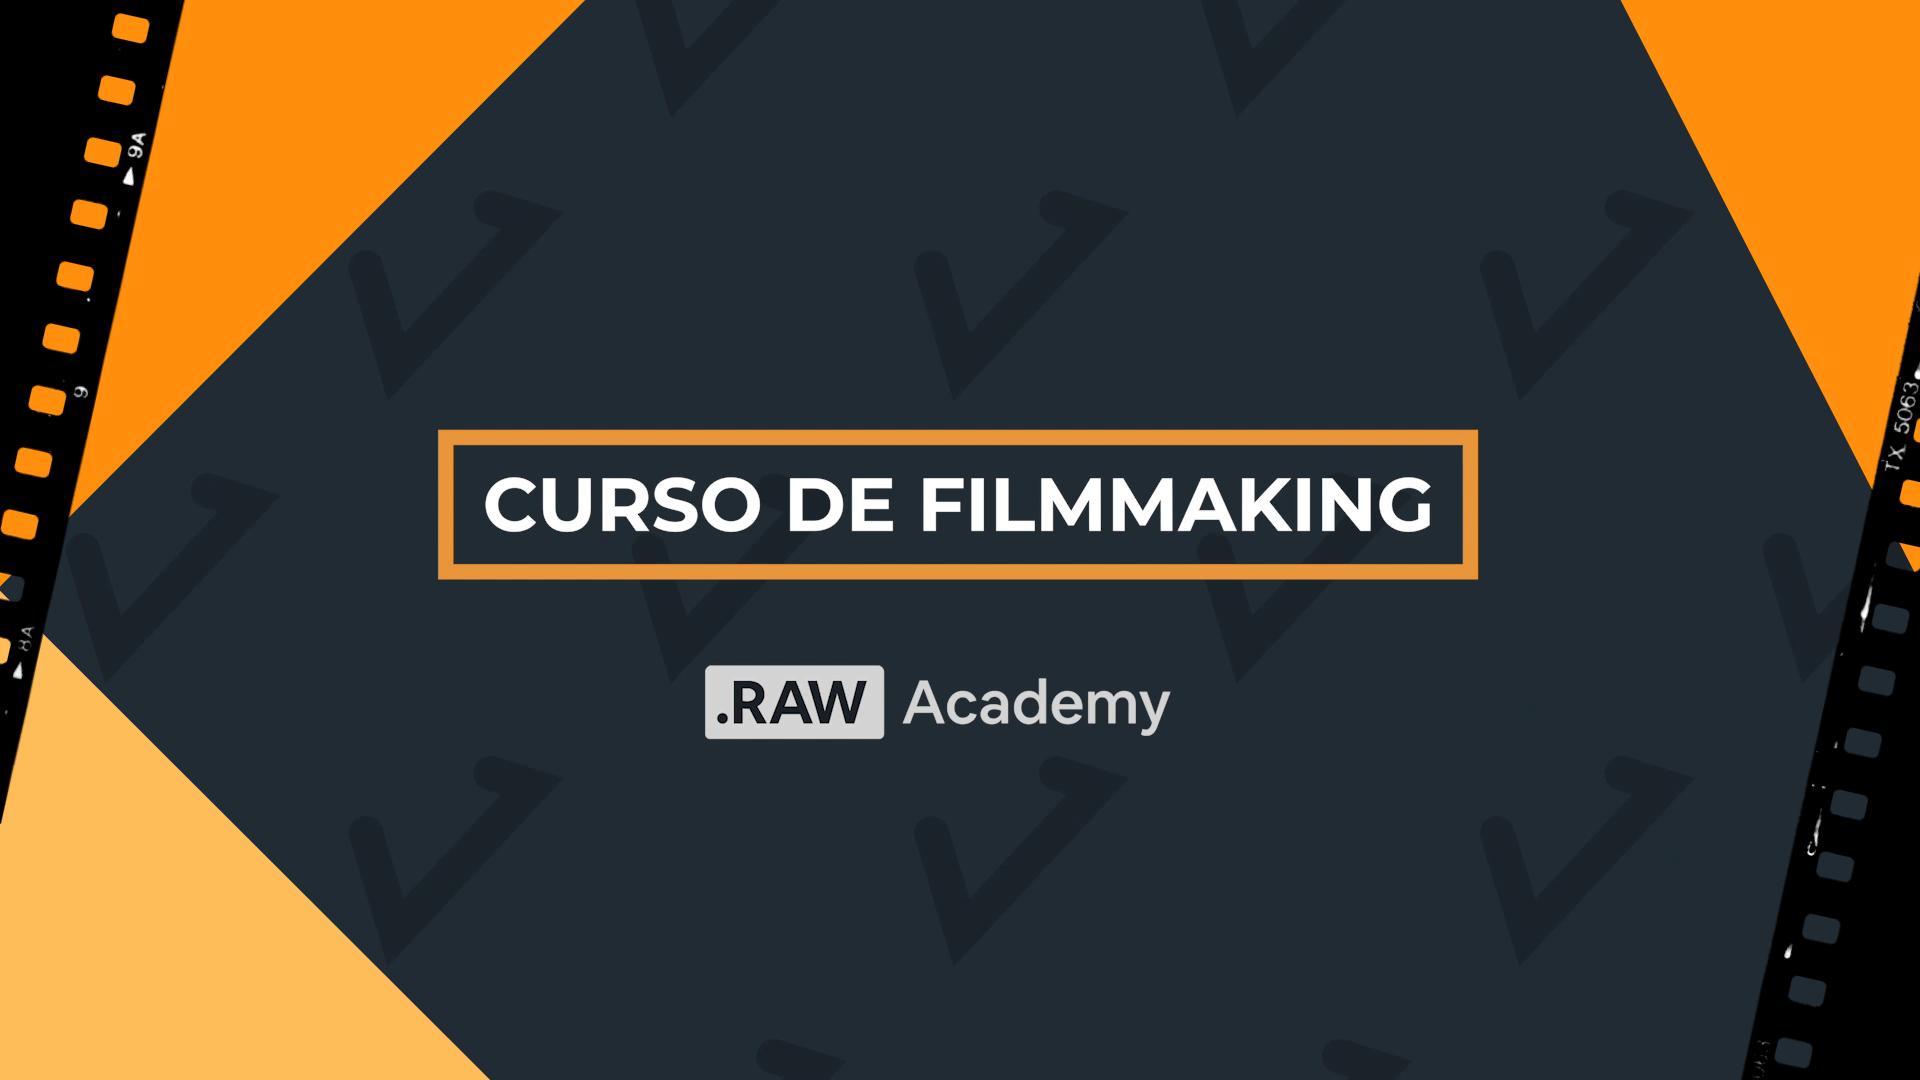 Curso de Filmmaking 2021